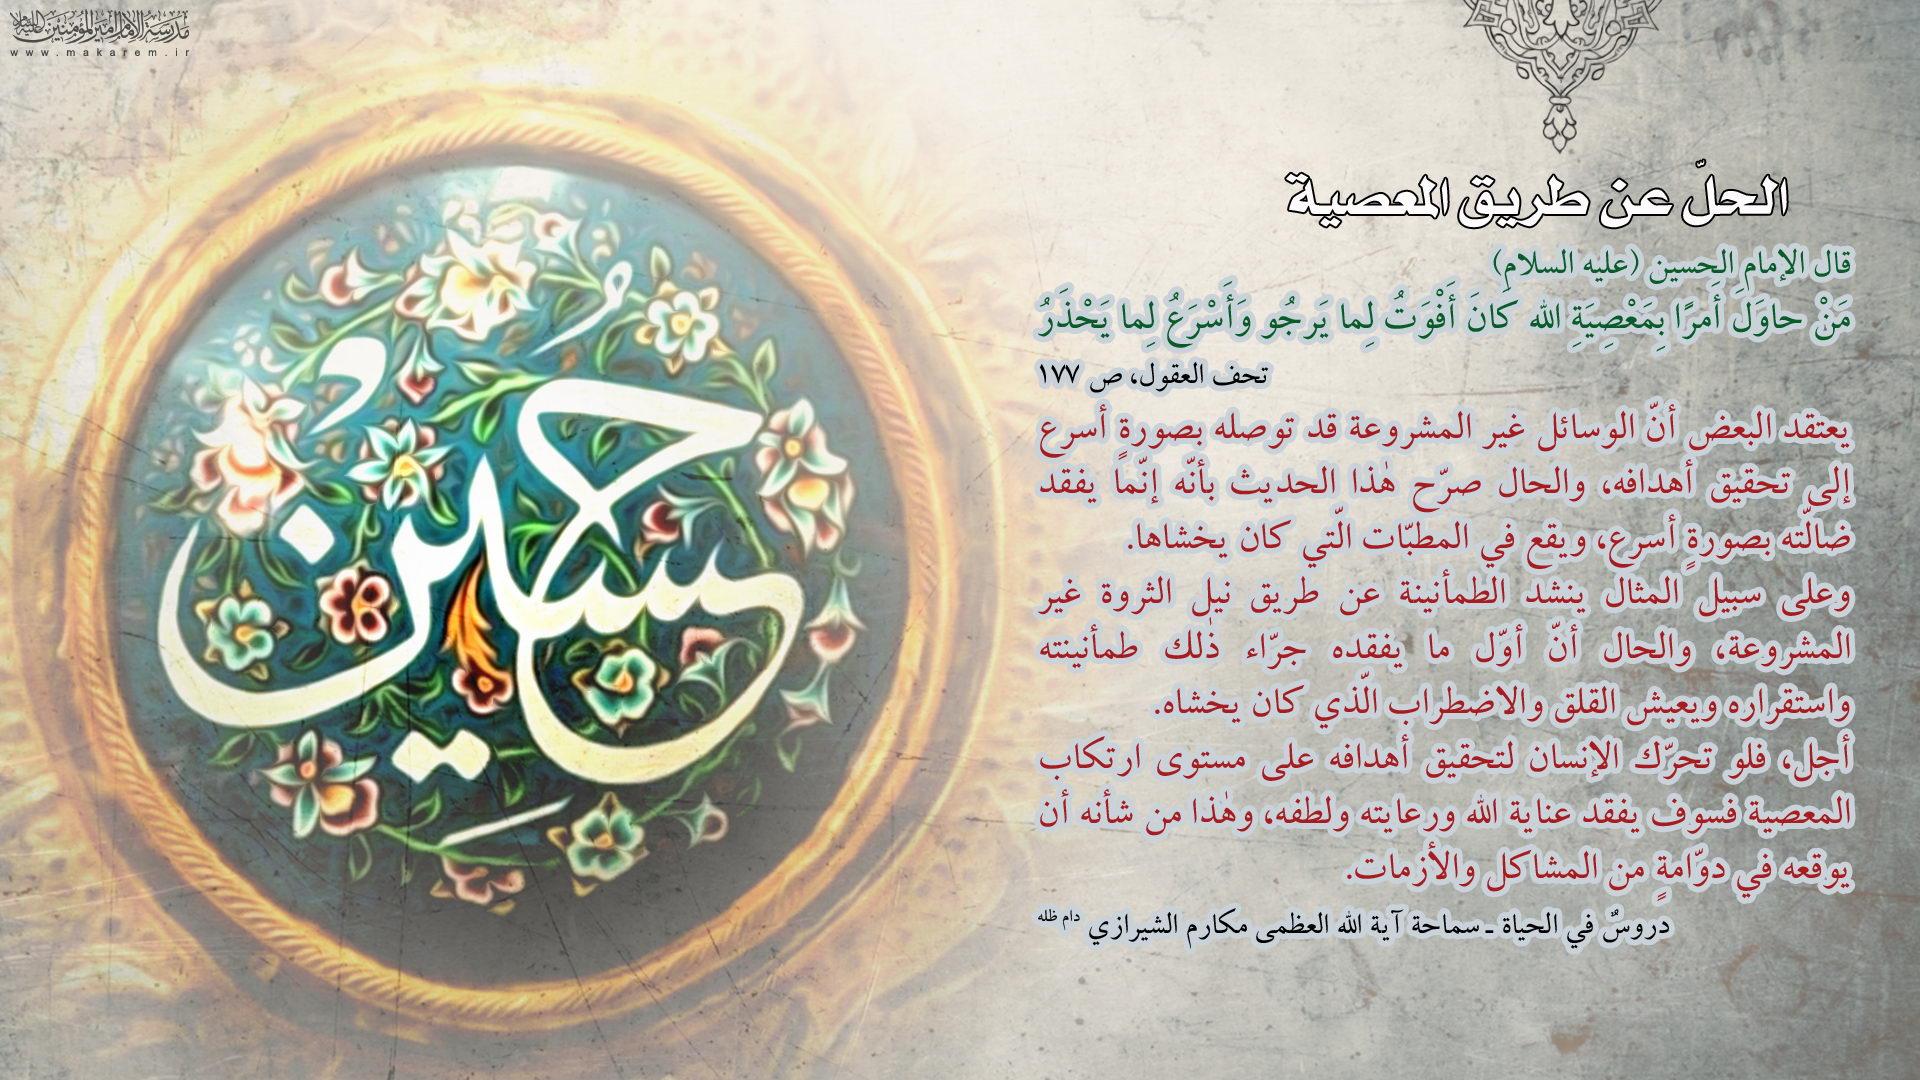 دروس فی الحیاه-مدرسه الامام امیر المومنین (ع)